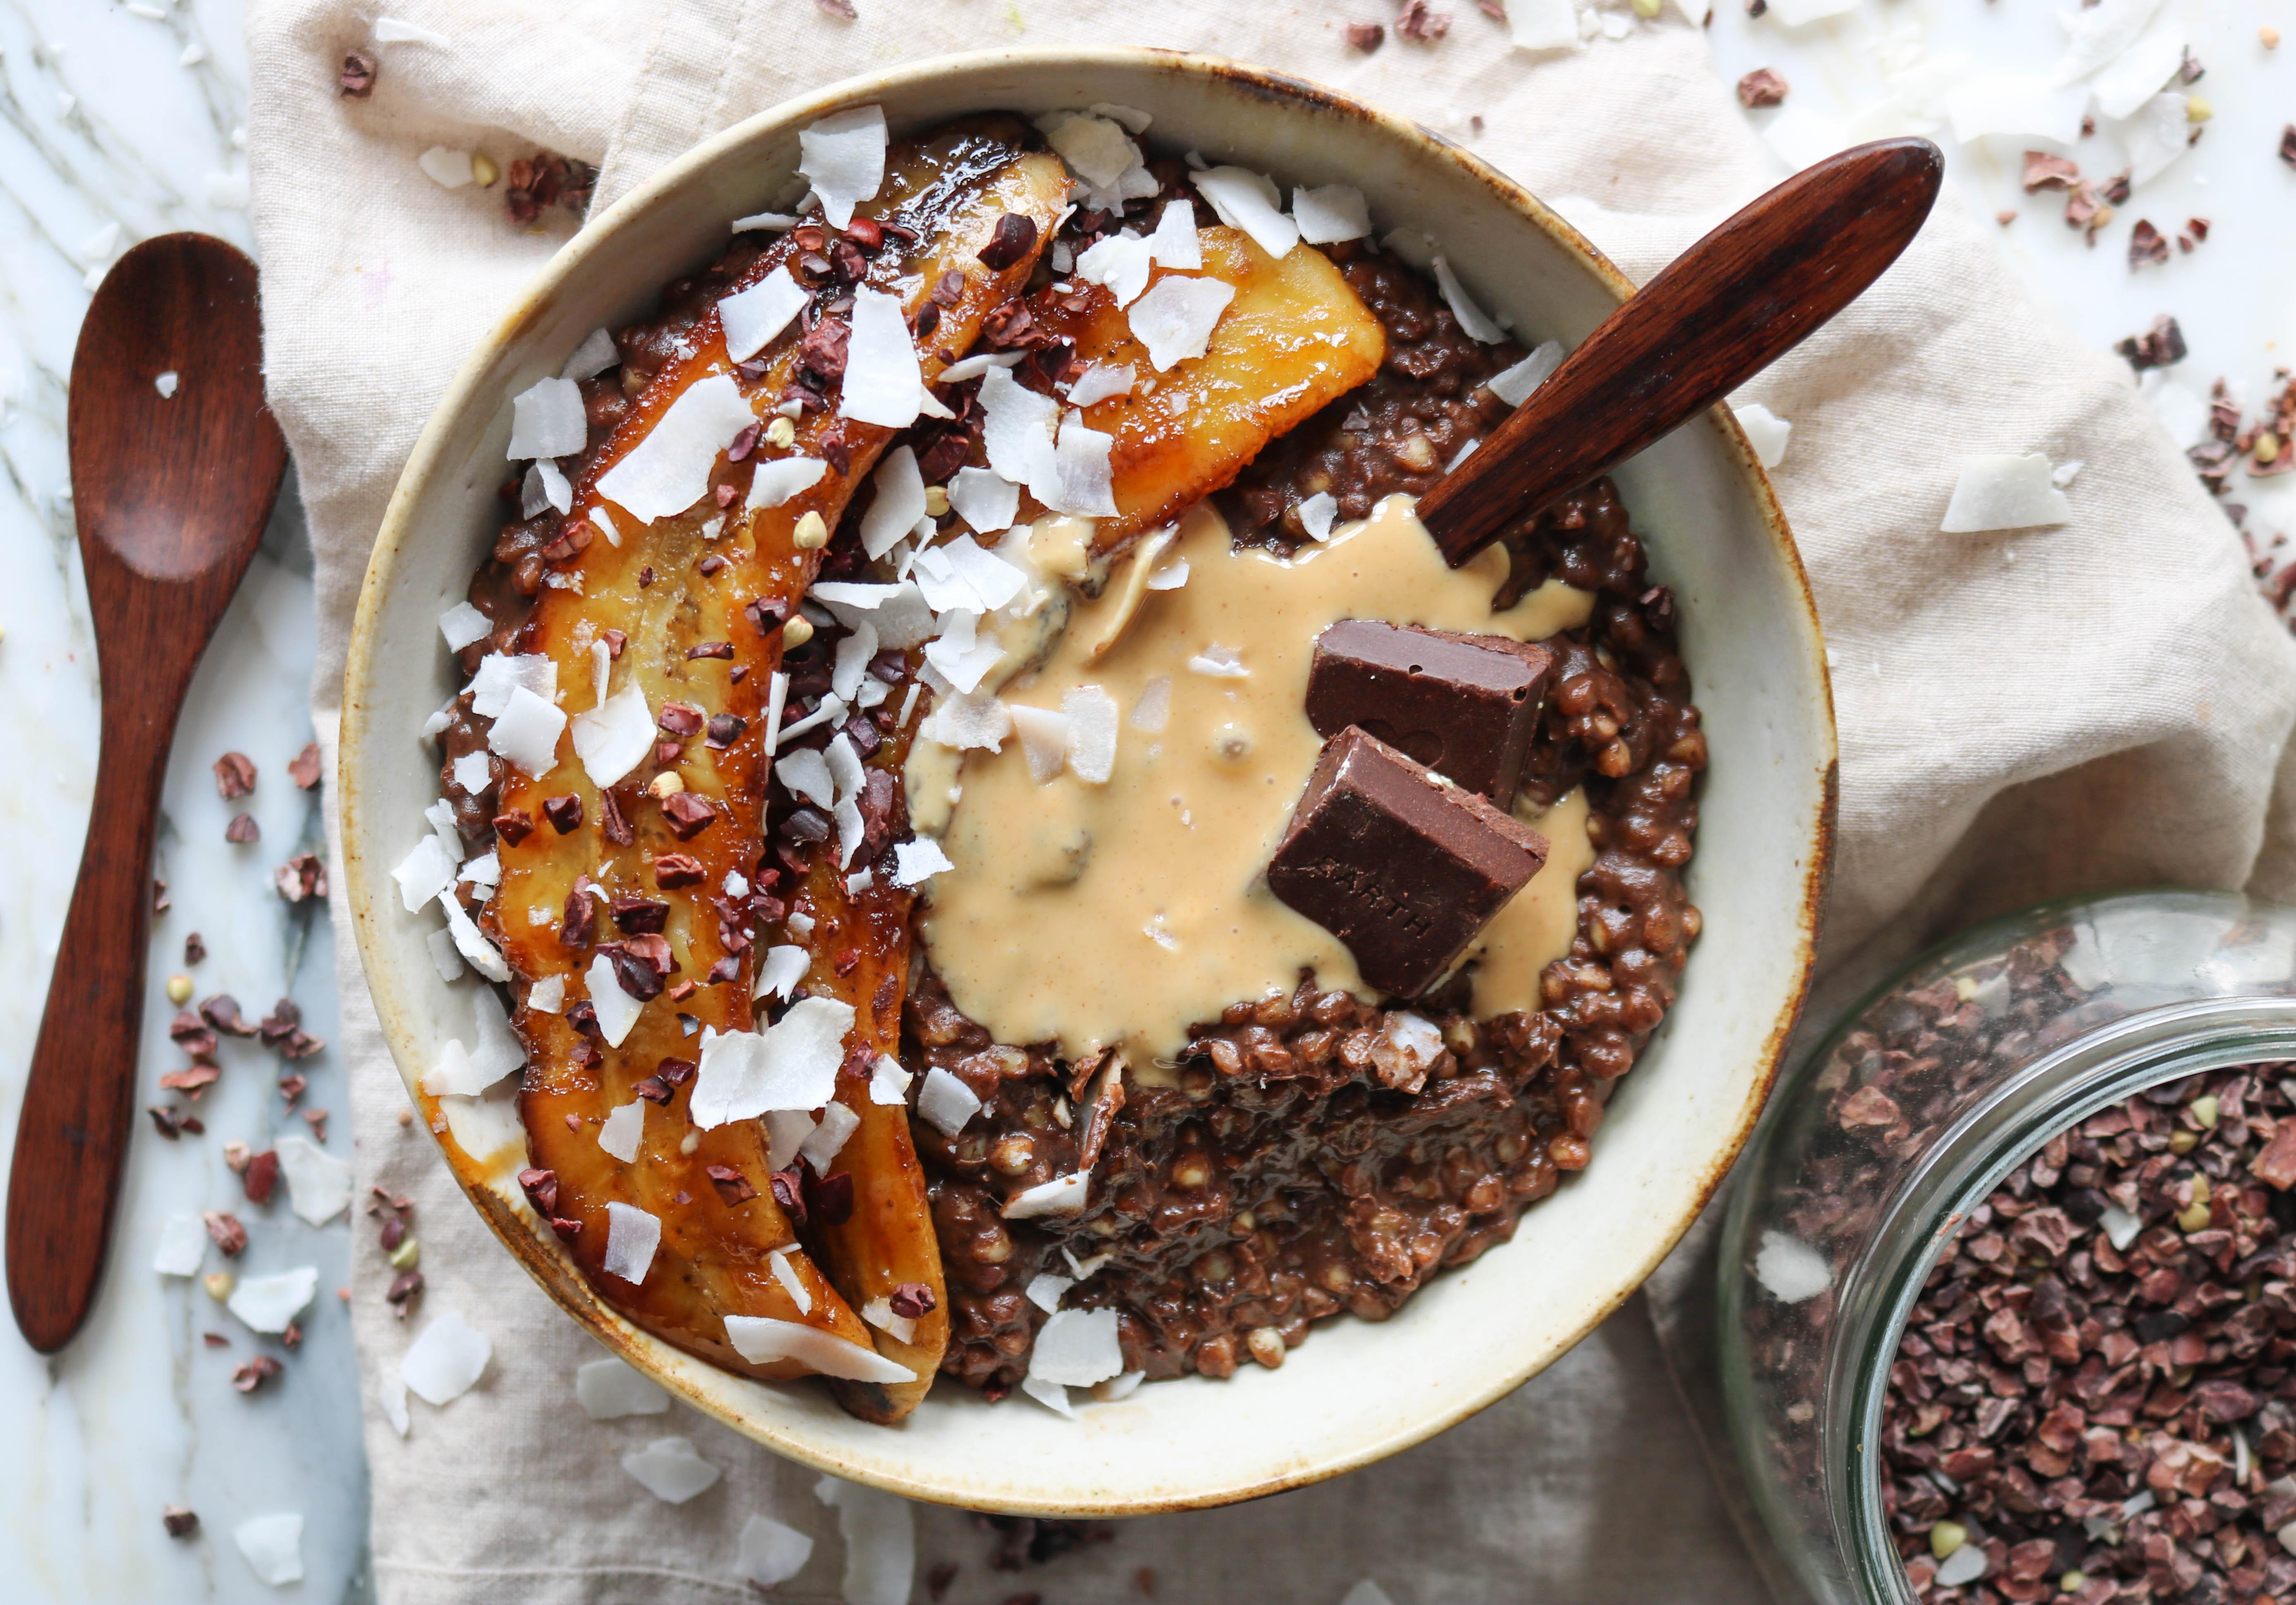 Chocolate Buckwheat Porridge with Caramelised Banana